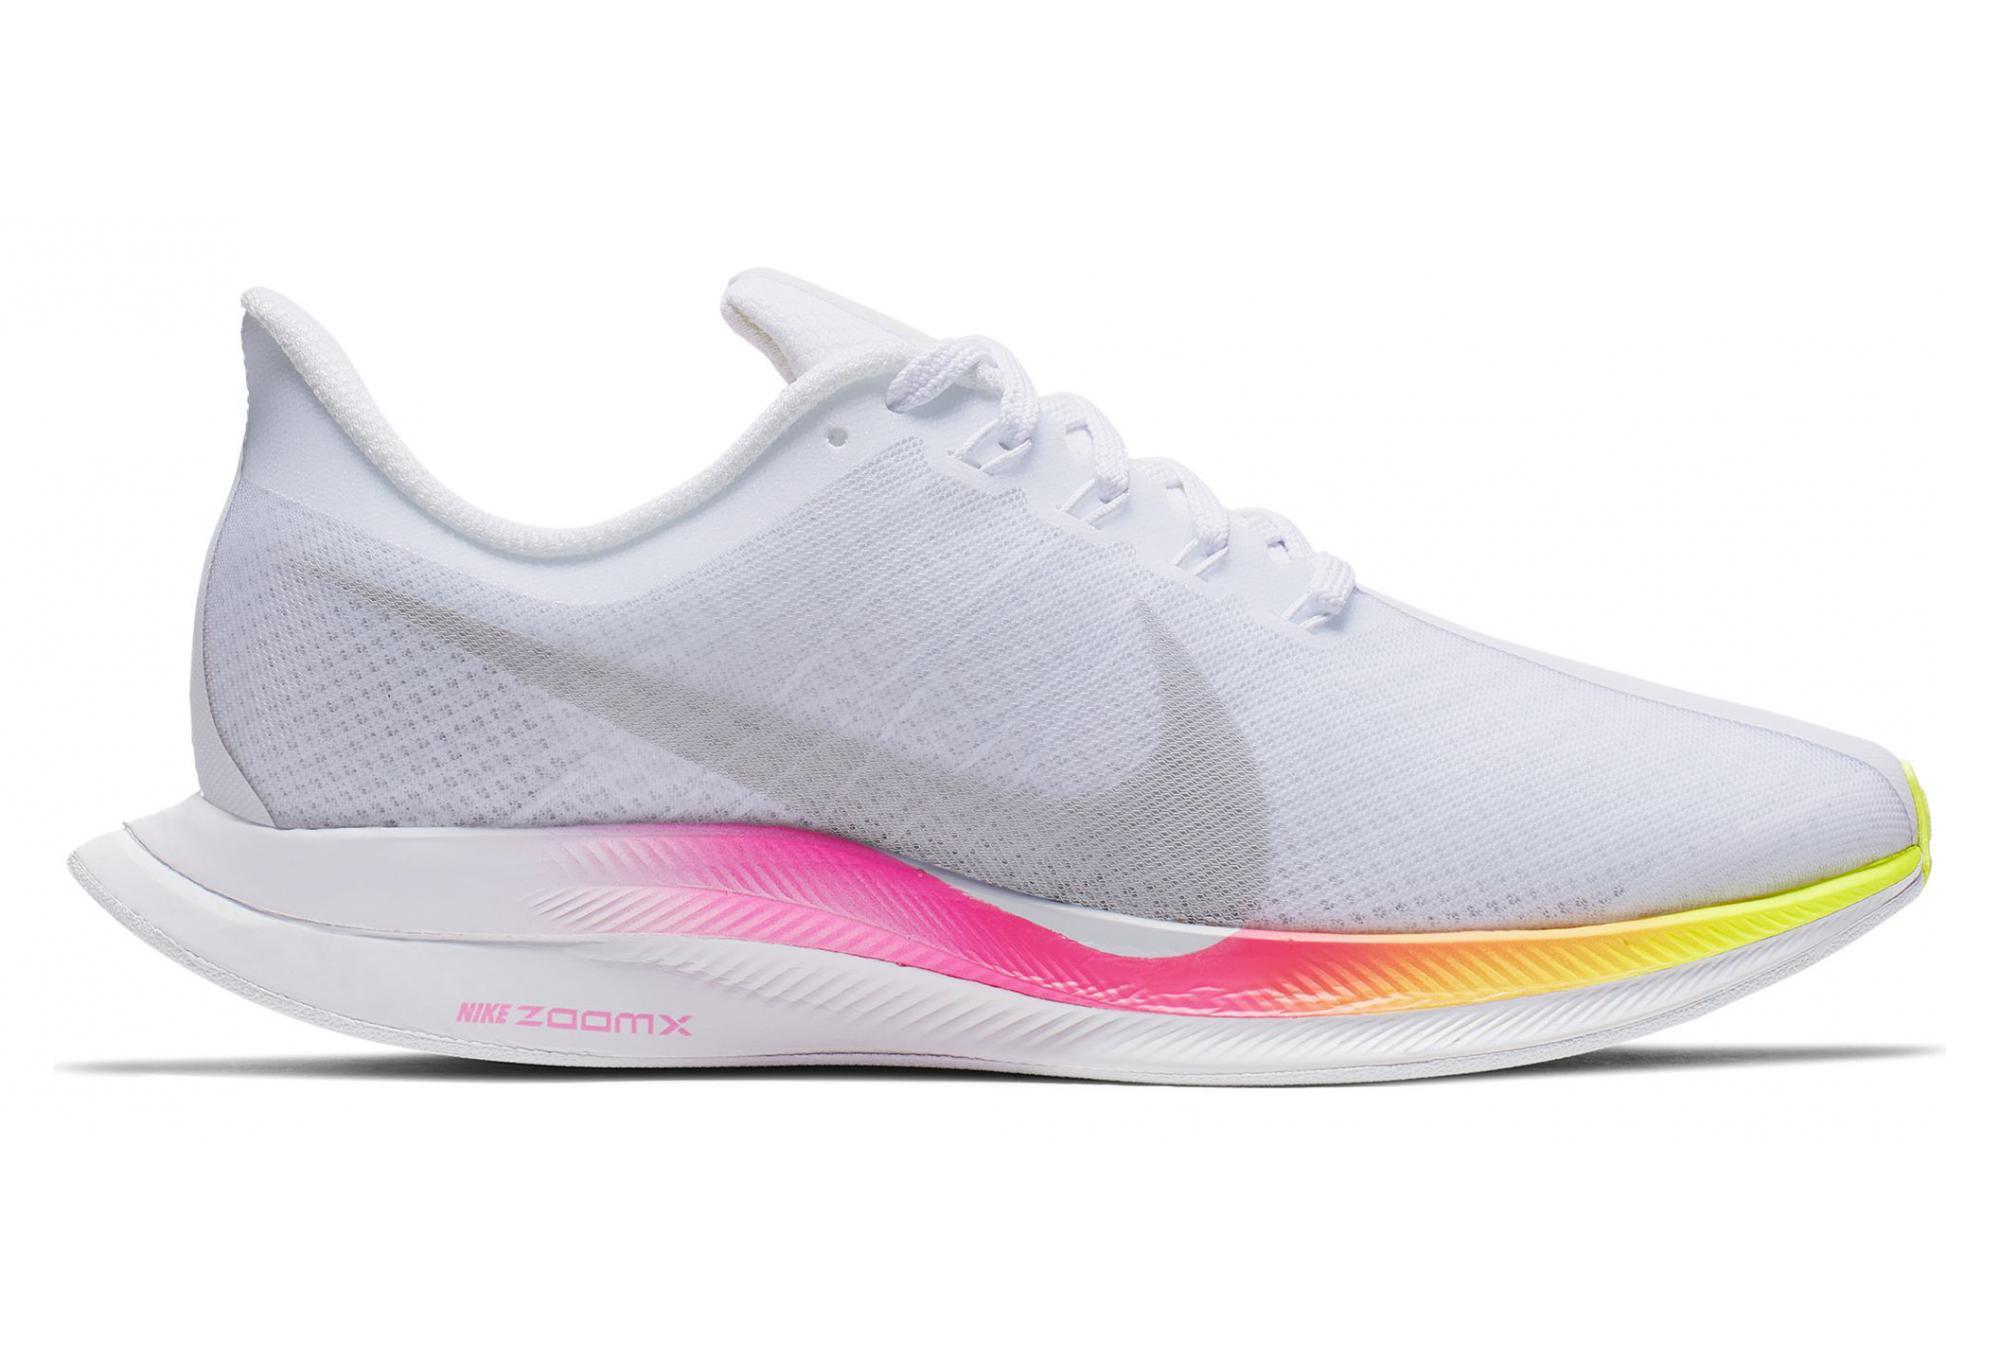 code promo 260ed cdcba Nike Zoom Pegasus 35 Turbo Blanc Jaune Rose Femme